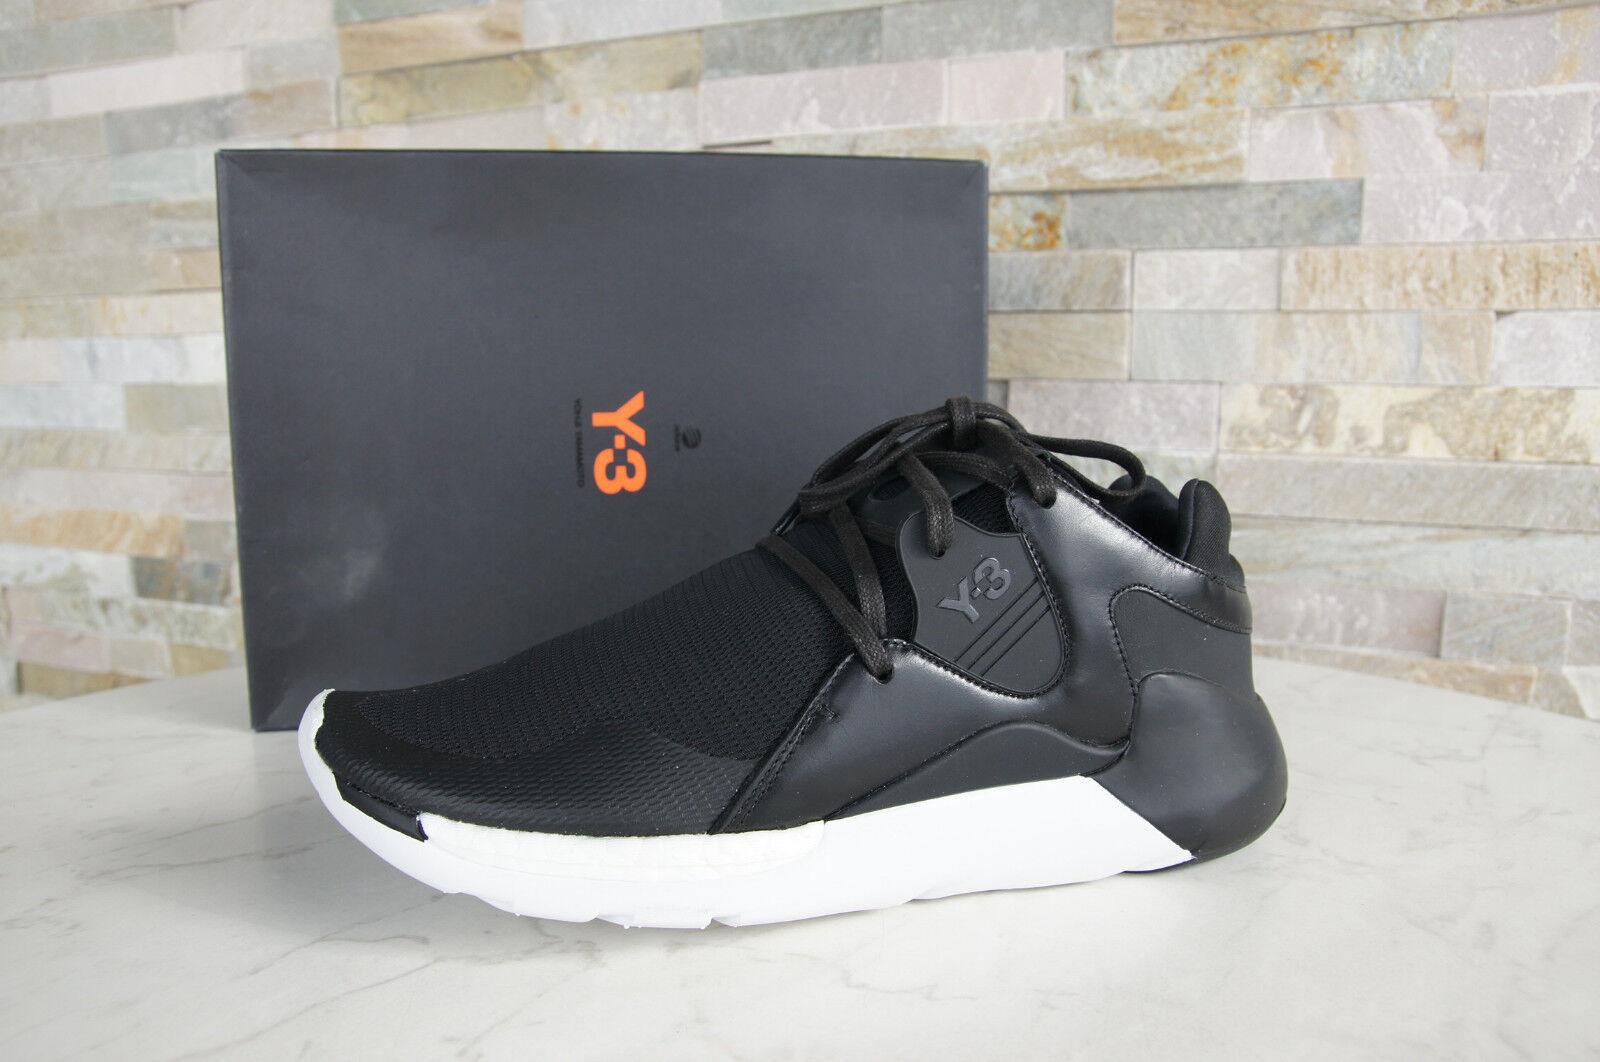 Y3 Y-3 Adidas Yamamoto Gr 40,5 D 6,5 Sneakers Schuhe QR RUN schwarz neu UVP 351